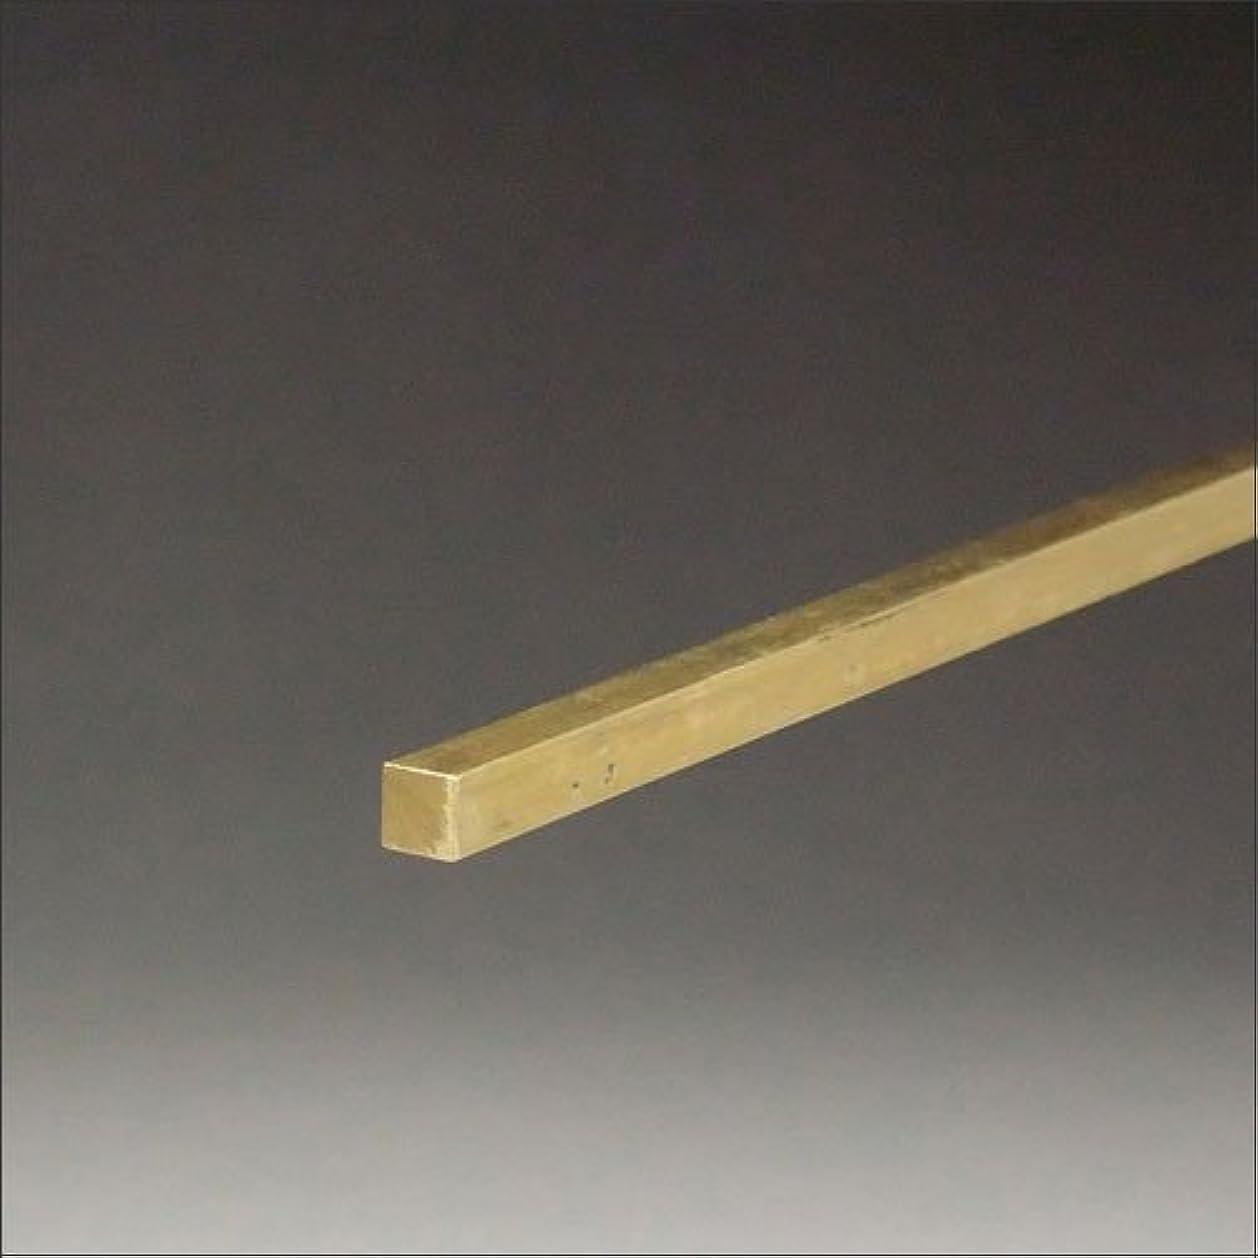 独創的追記移動するe-kanamono 真鍮押渕 生地 6x12x3000mm(1.5M+1.5M)